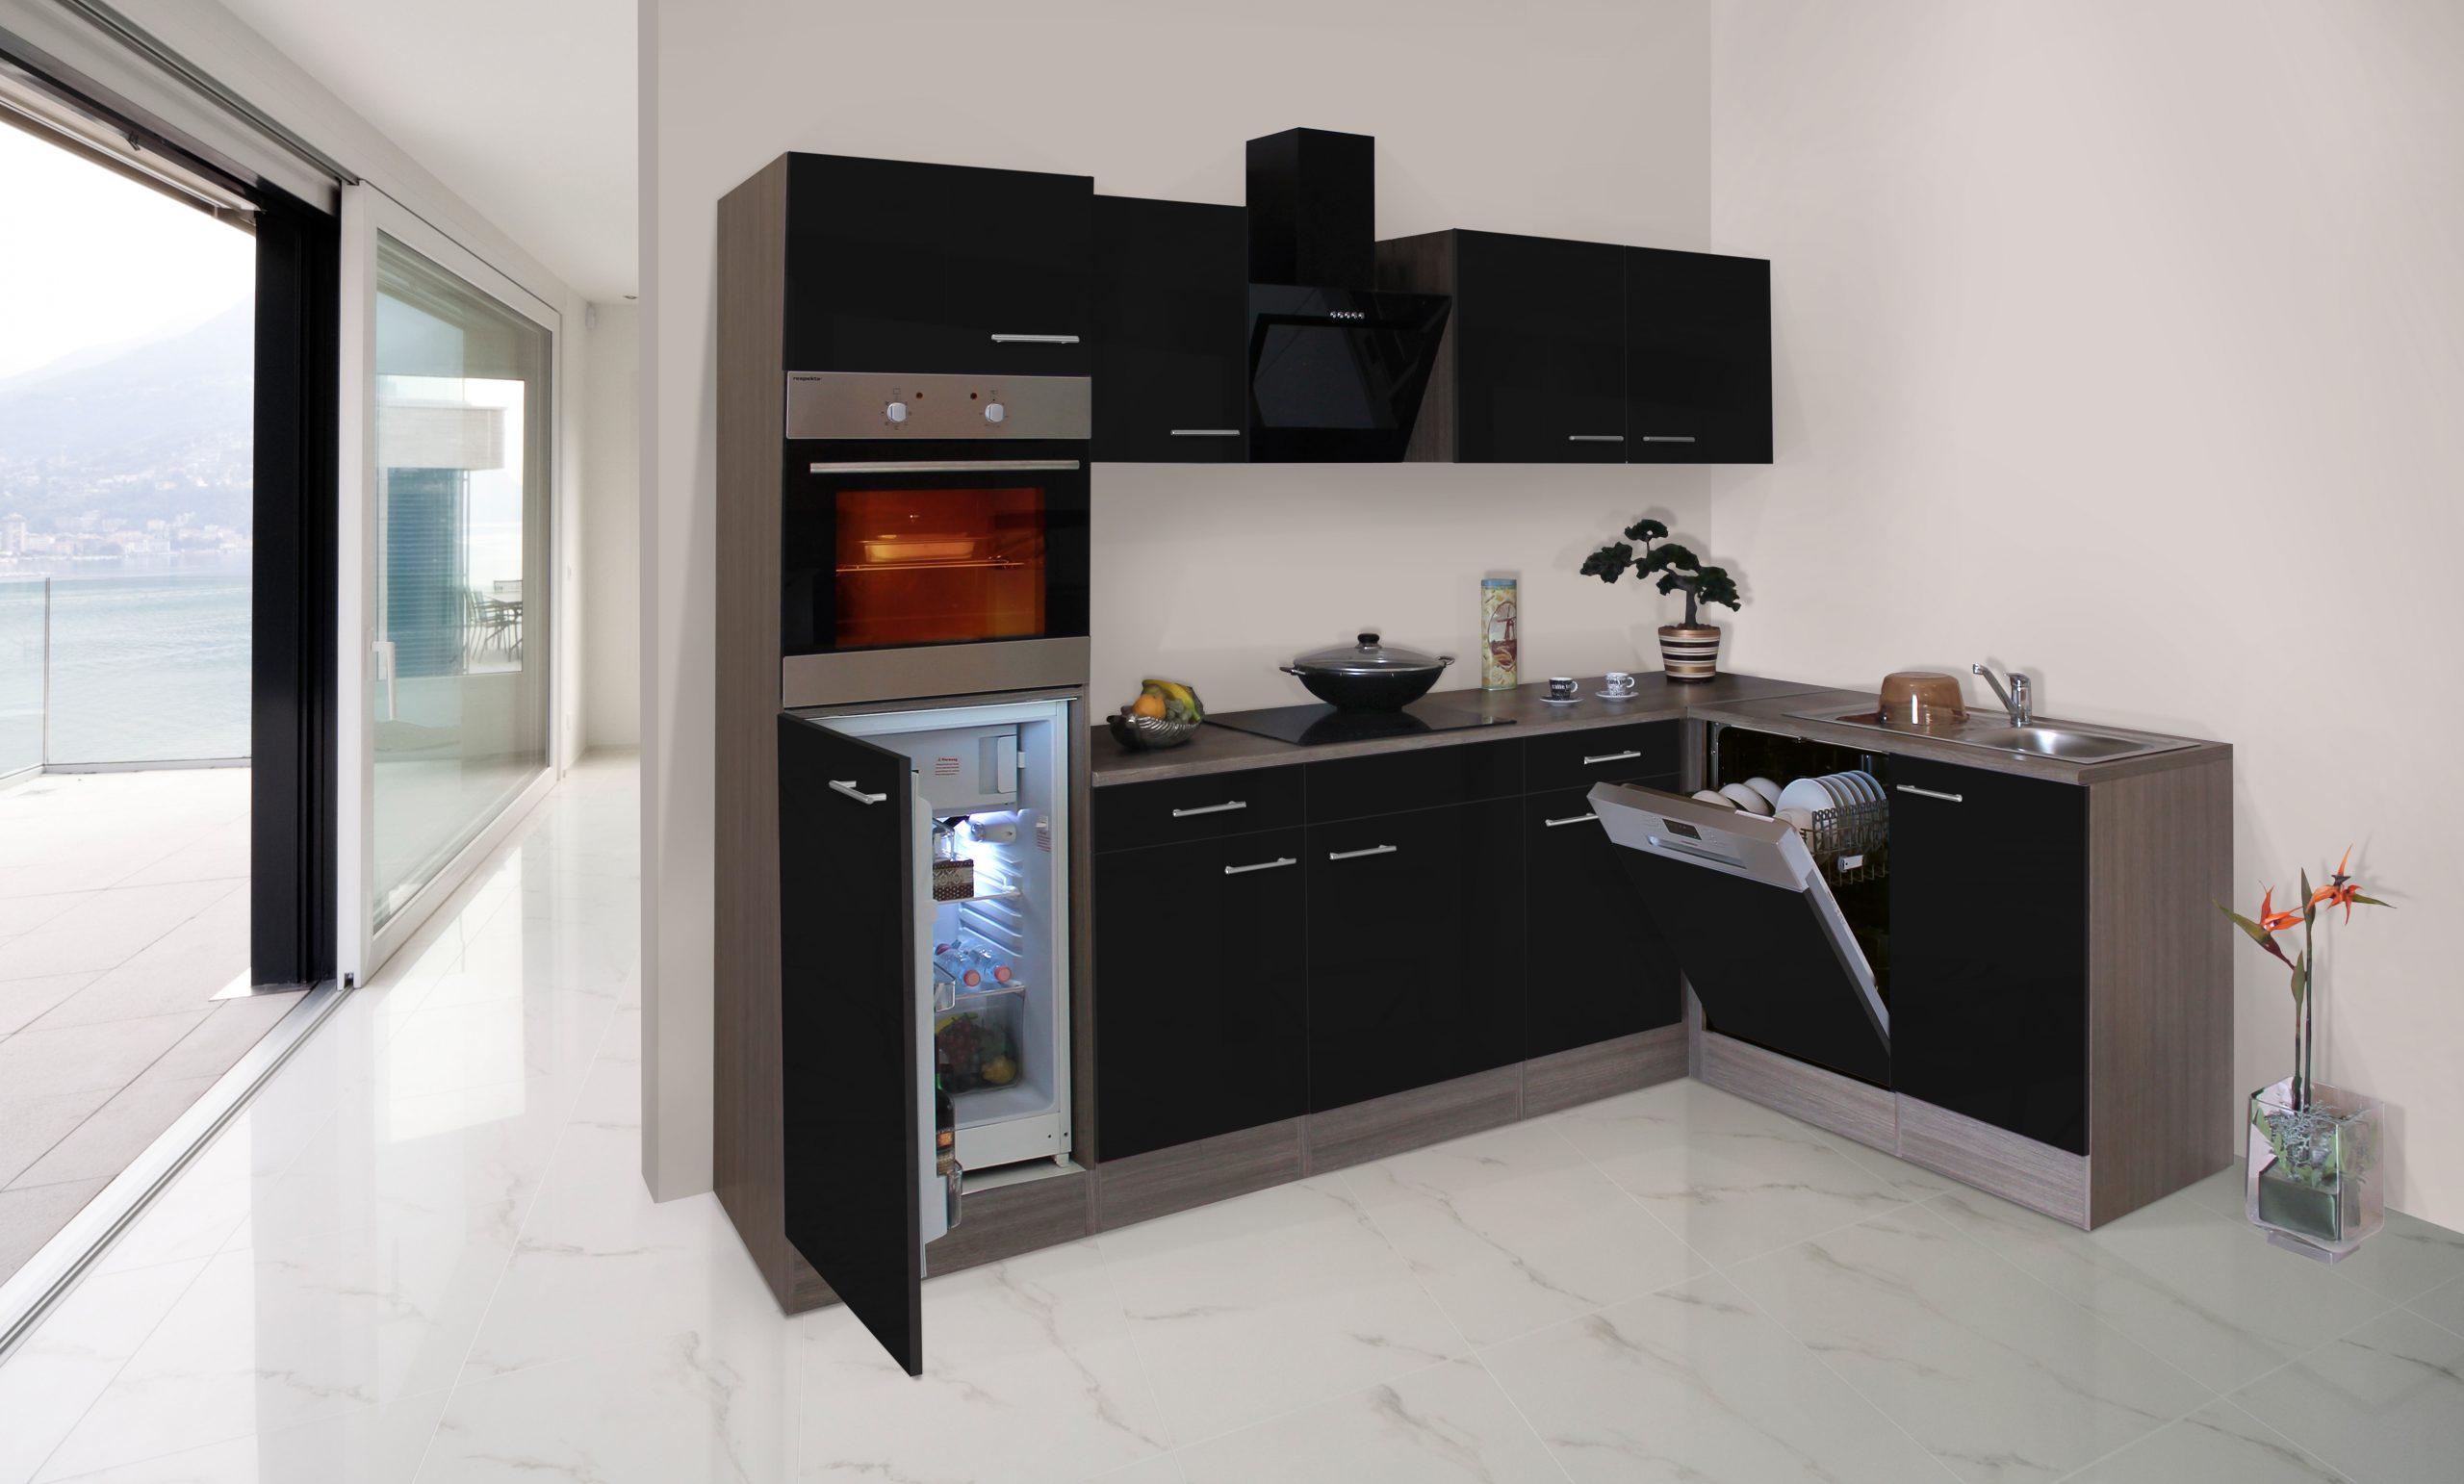 Full Size of Küche L Form Günstig Küche L Form Dachschräge Respekta Küche L Form Küche L Form Grundriss Küche Küche L Form